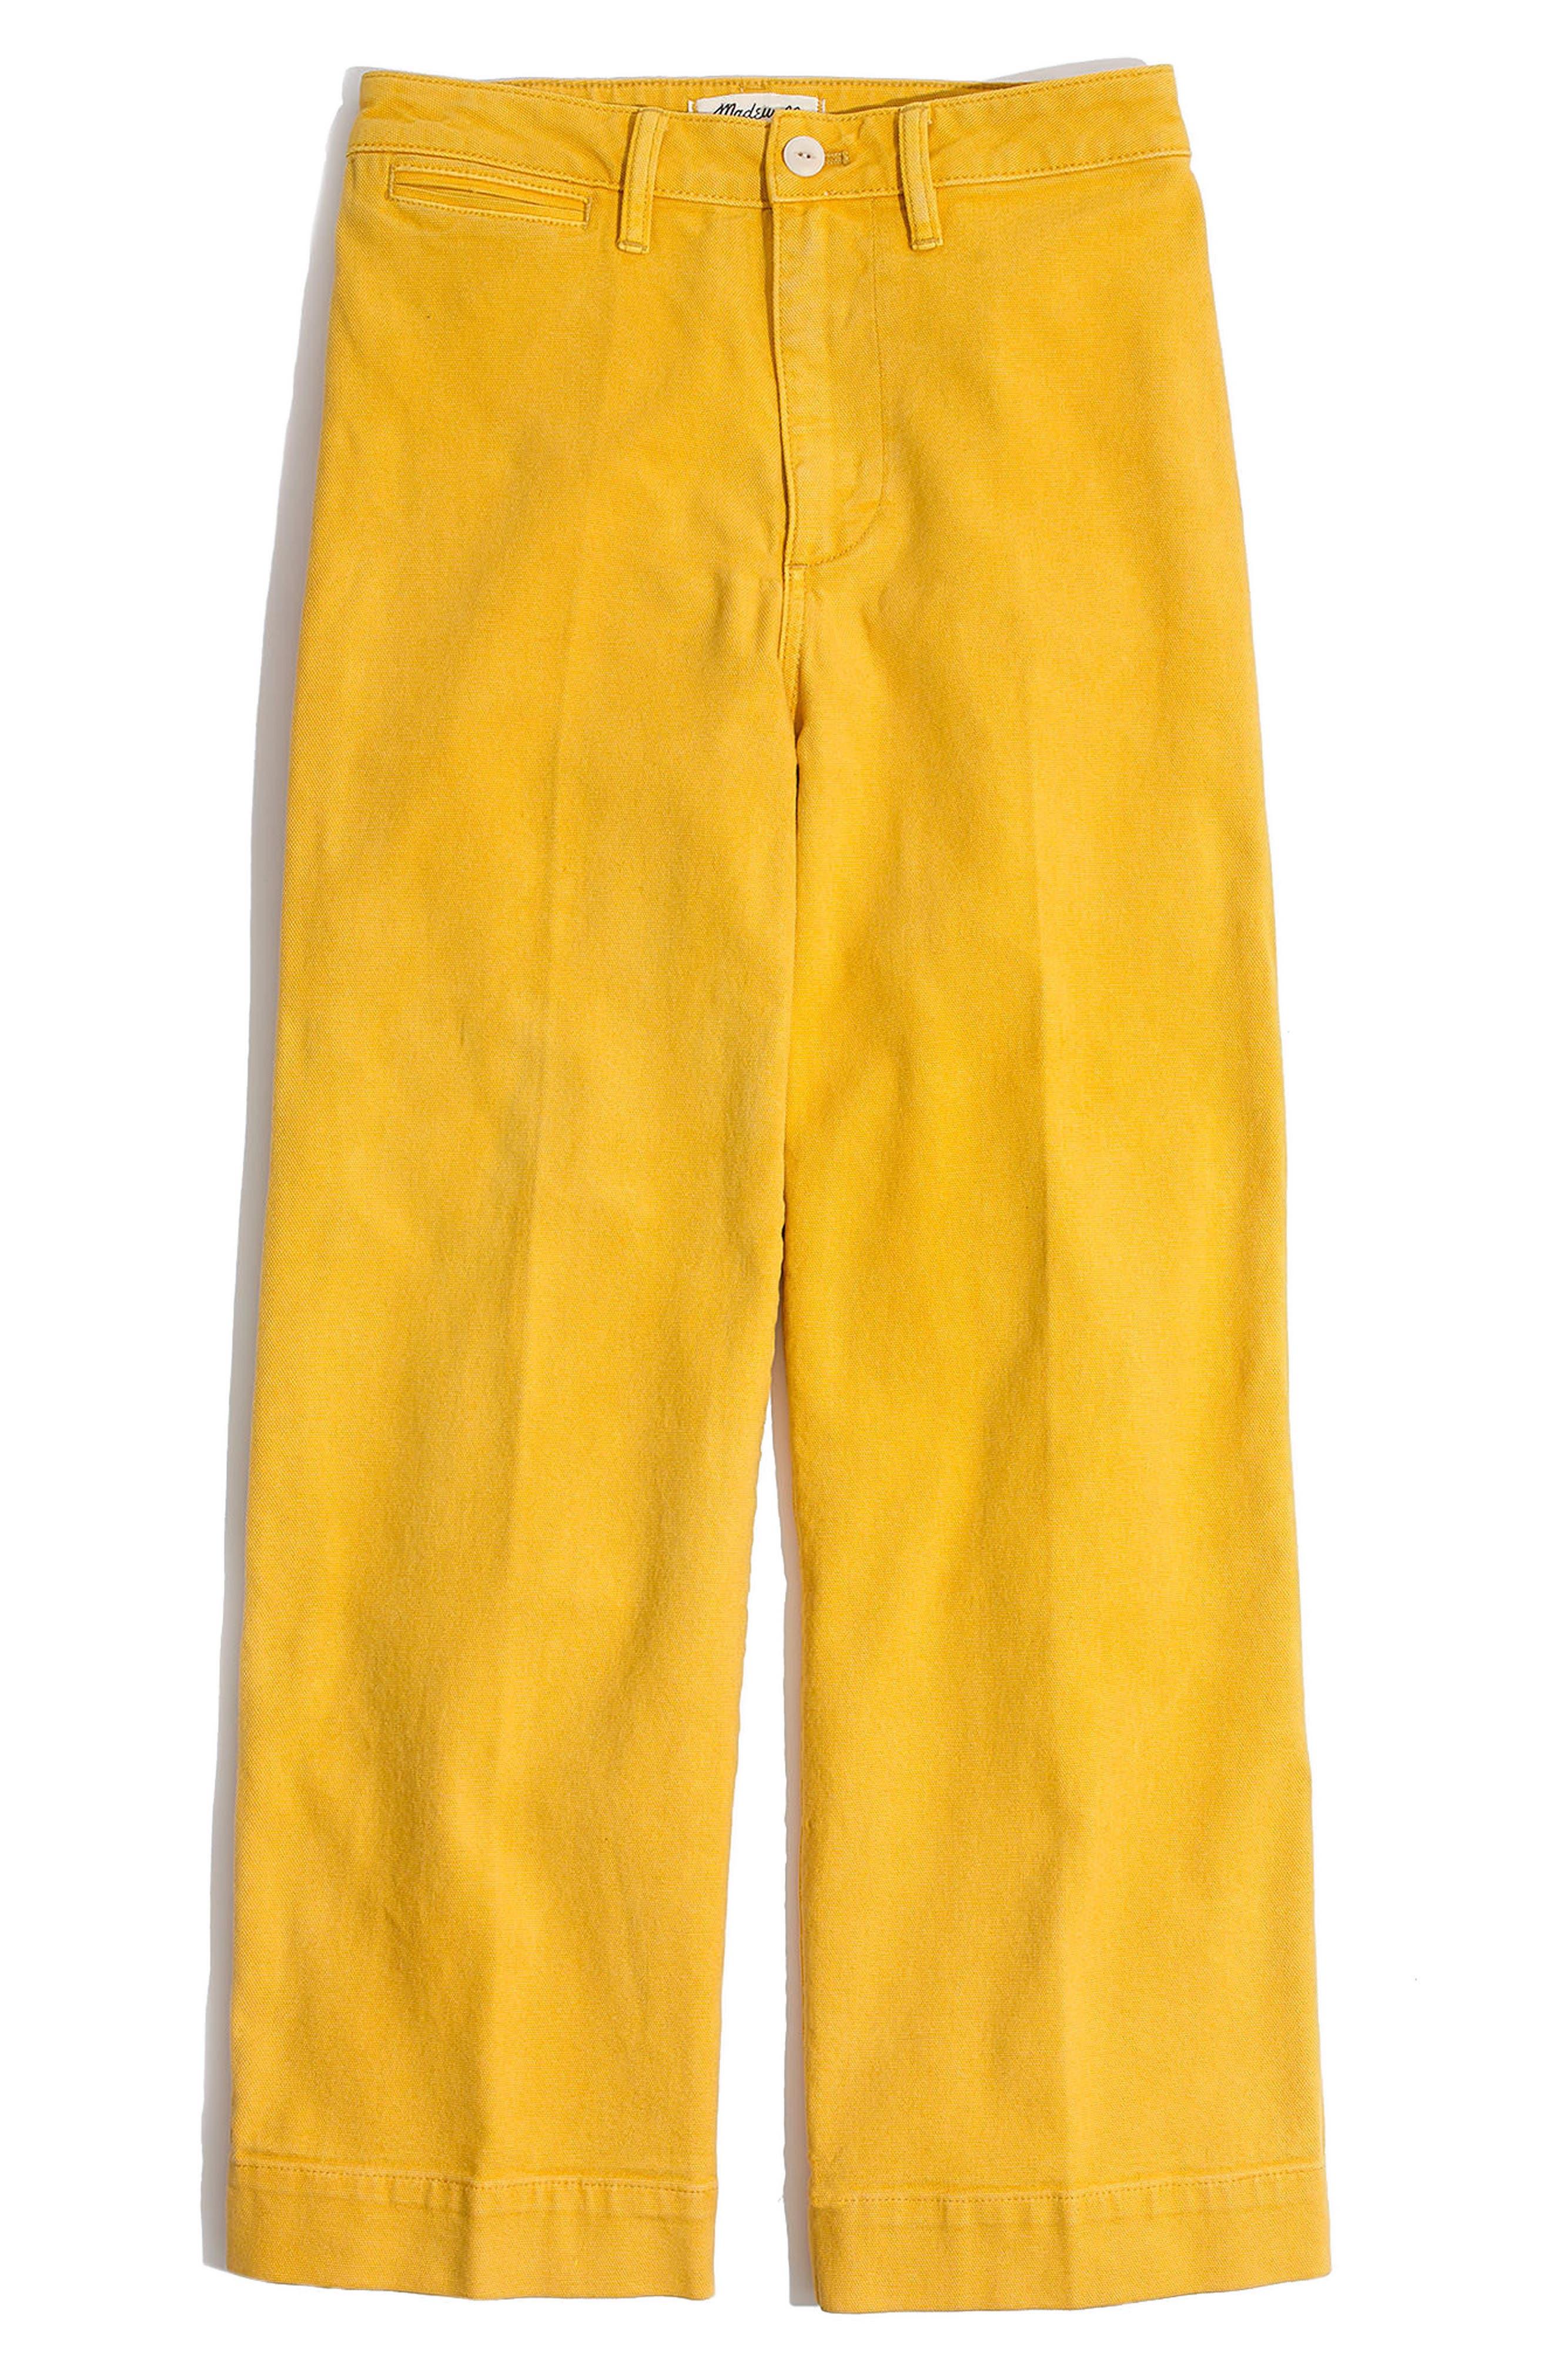 Emmett Crop Wide Leg Pants,                         Main,                         color, 700